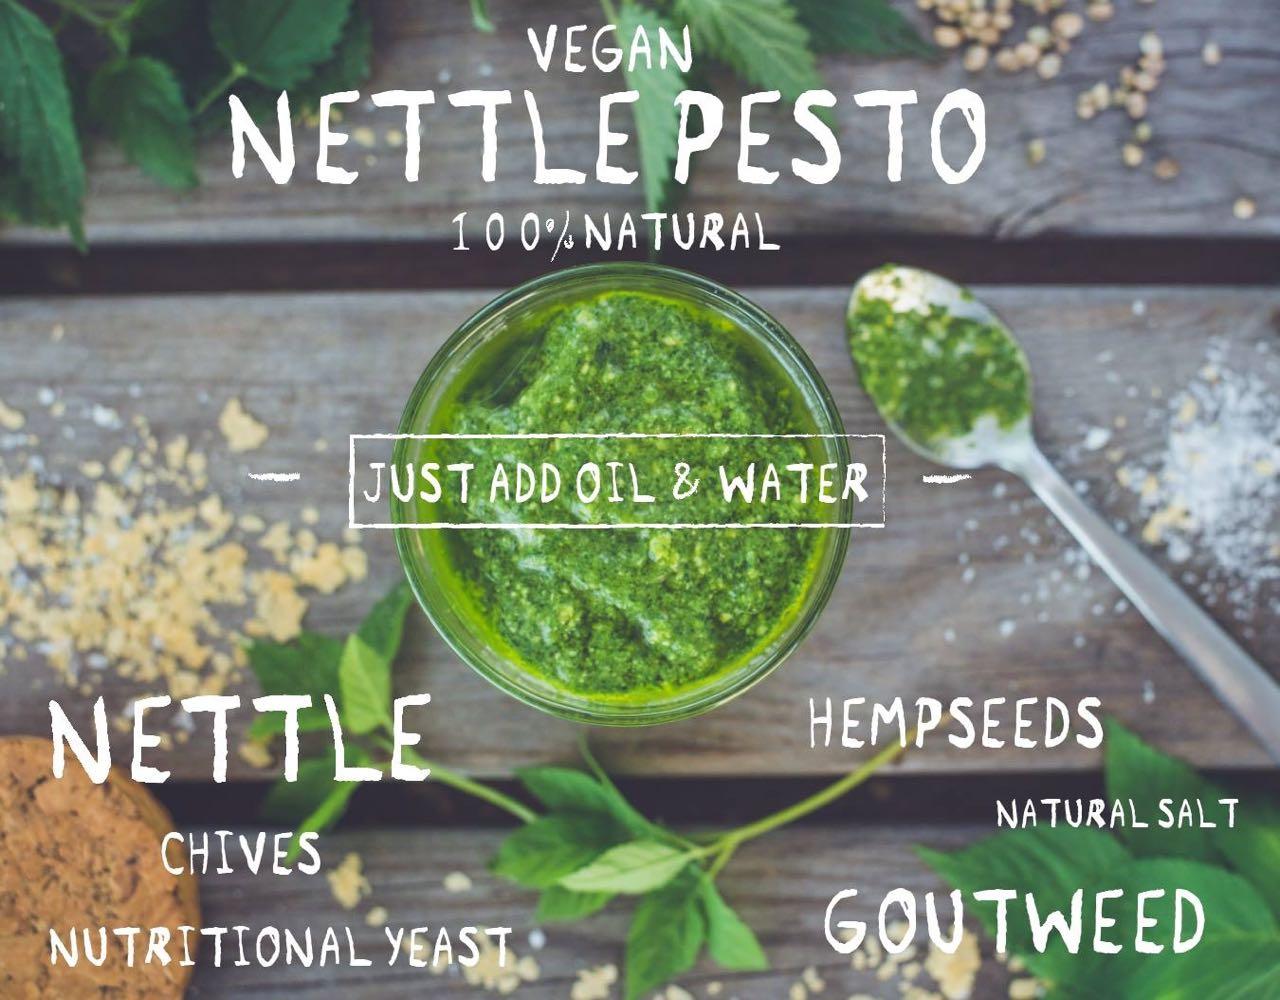 Vegan Nettle Pesto